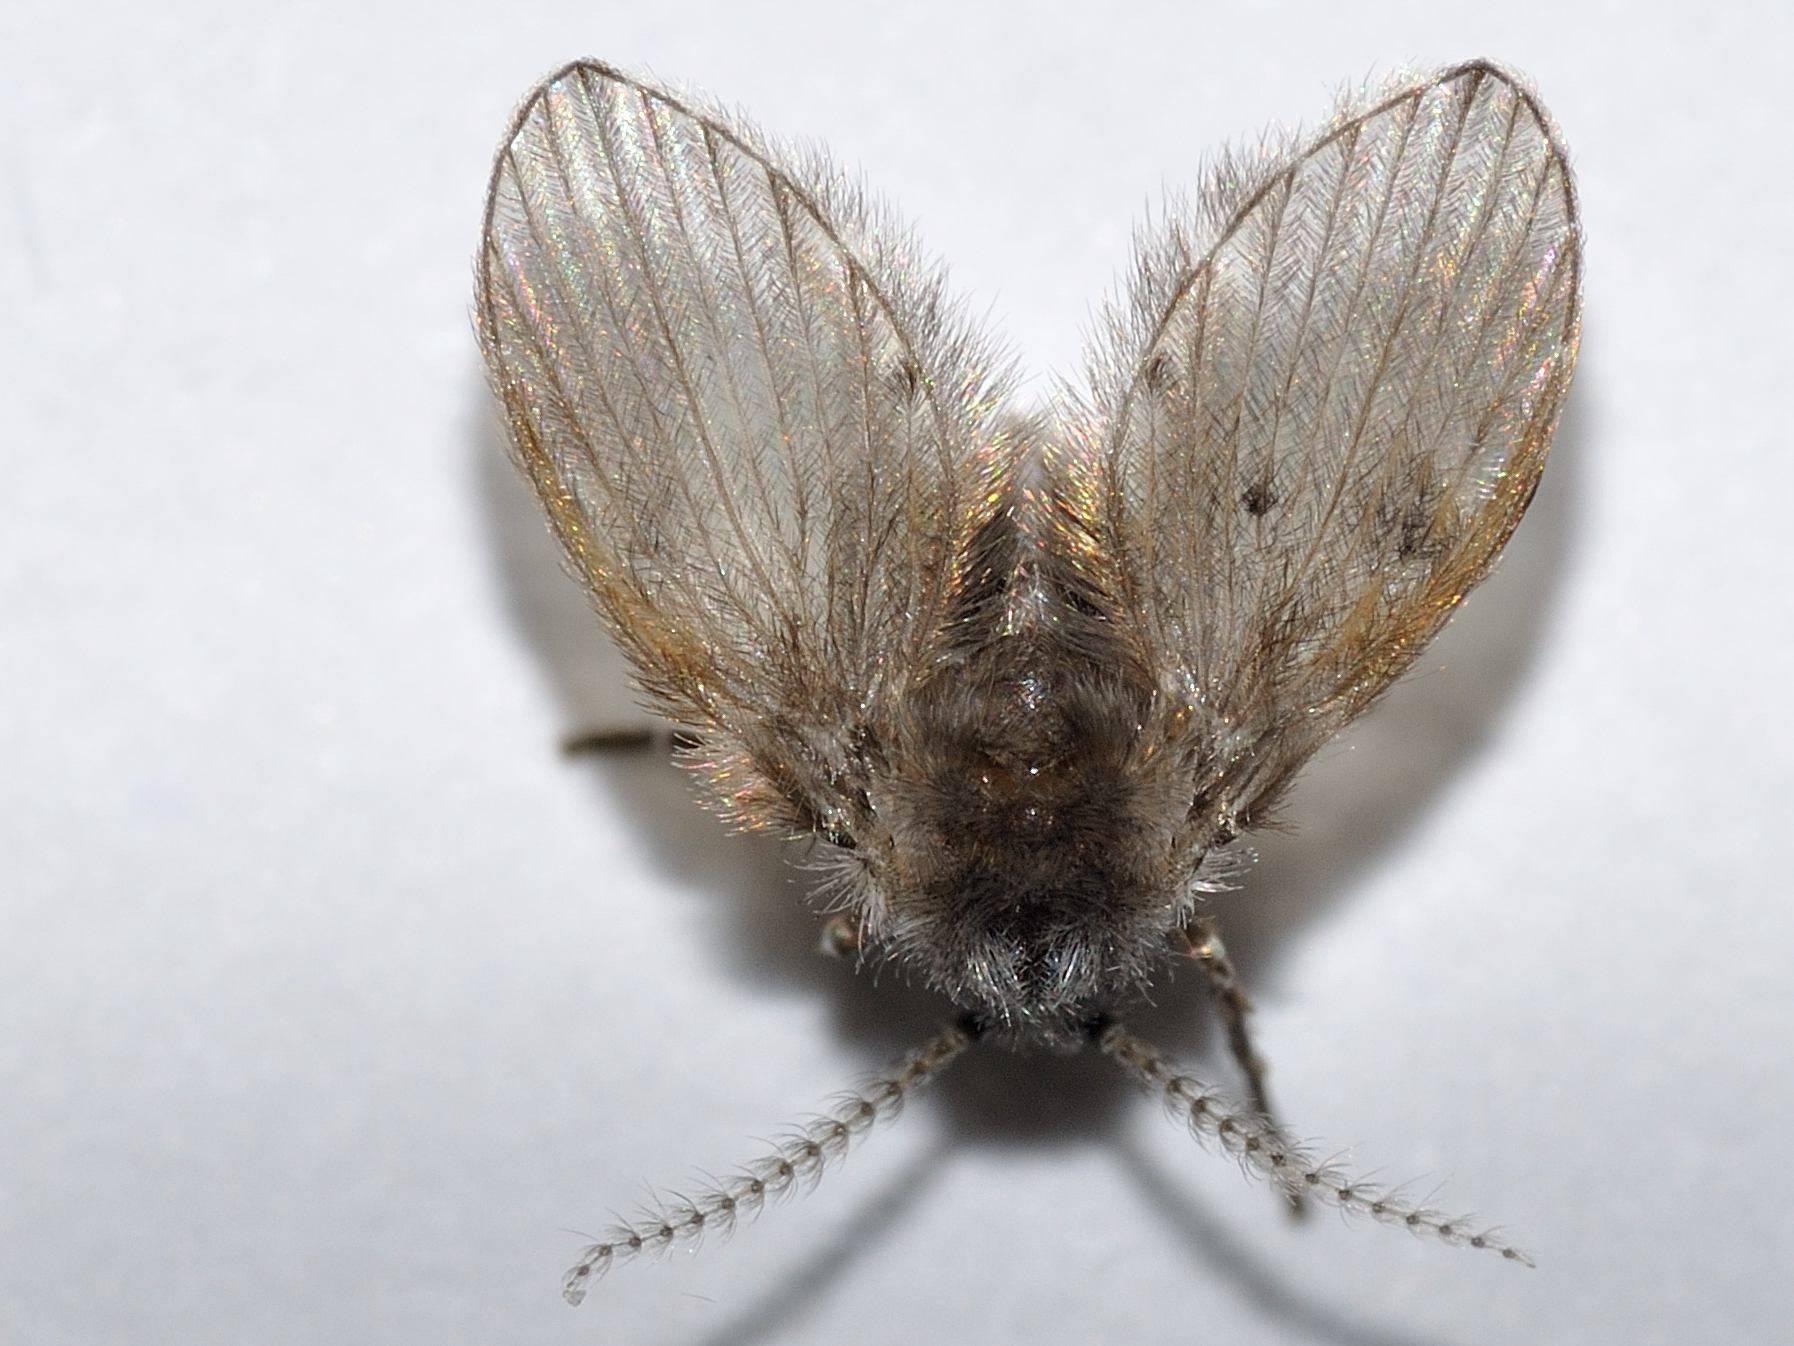 Бабочка пеструшка таволговая: фото и интересные особенности насекомого